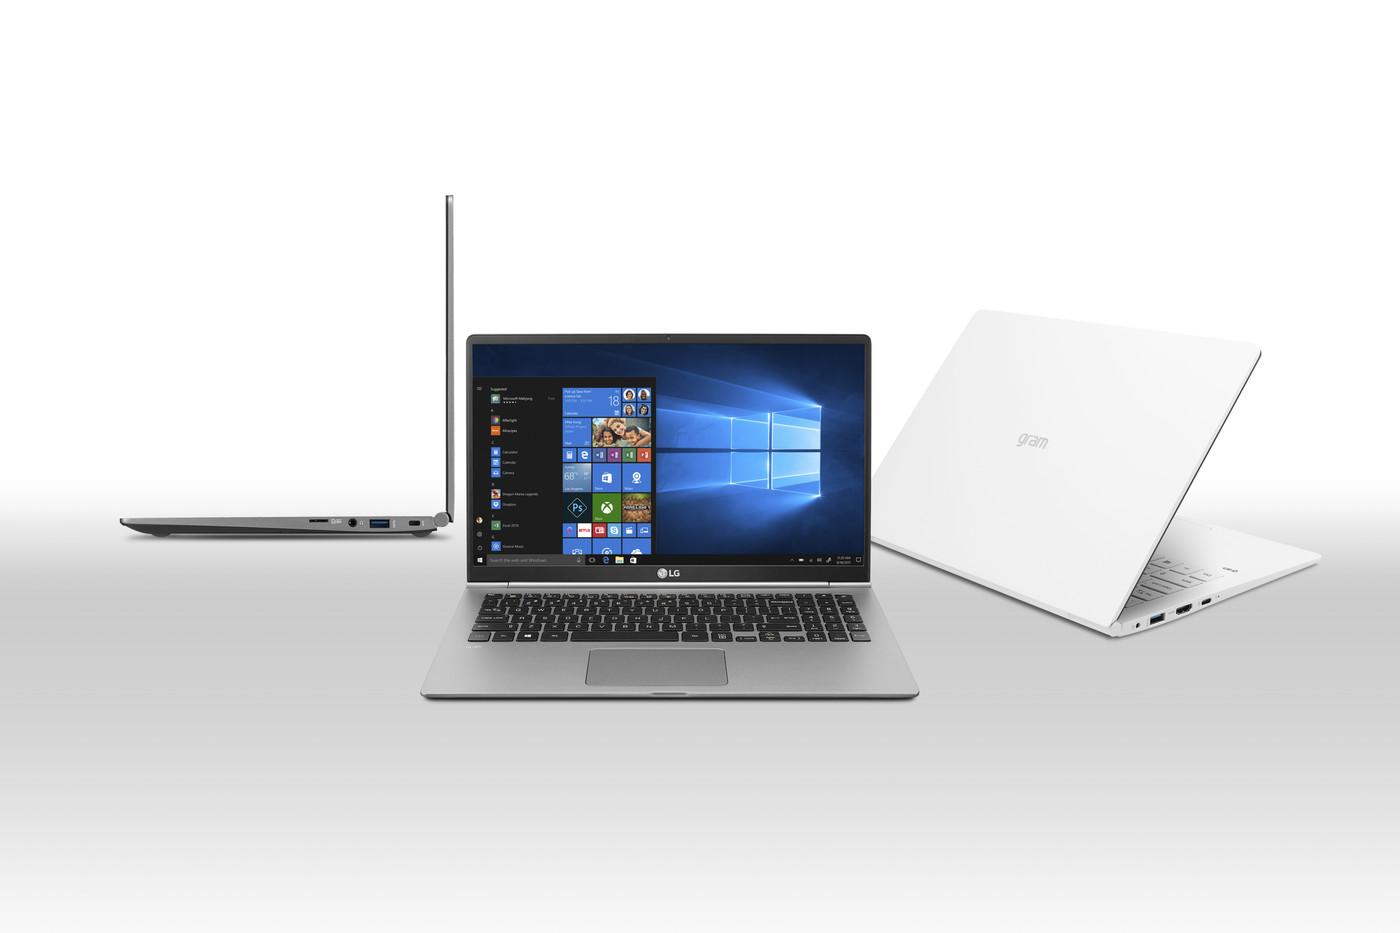 Обновленные ноутбукиLG Gram весят менее килограмма